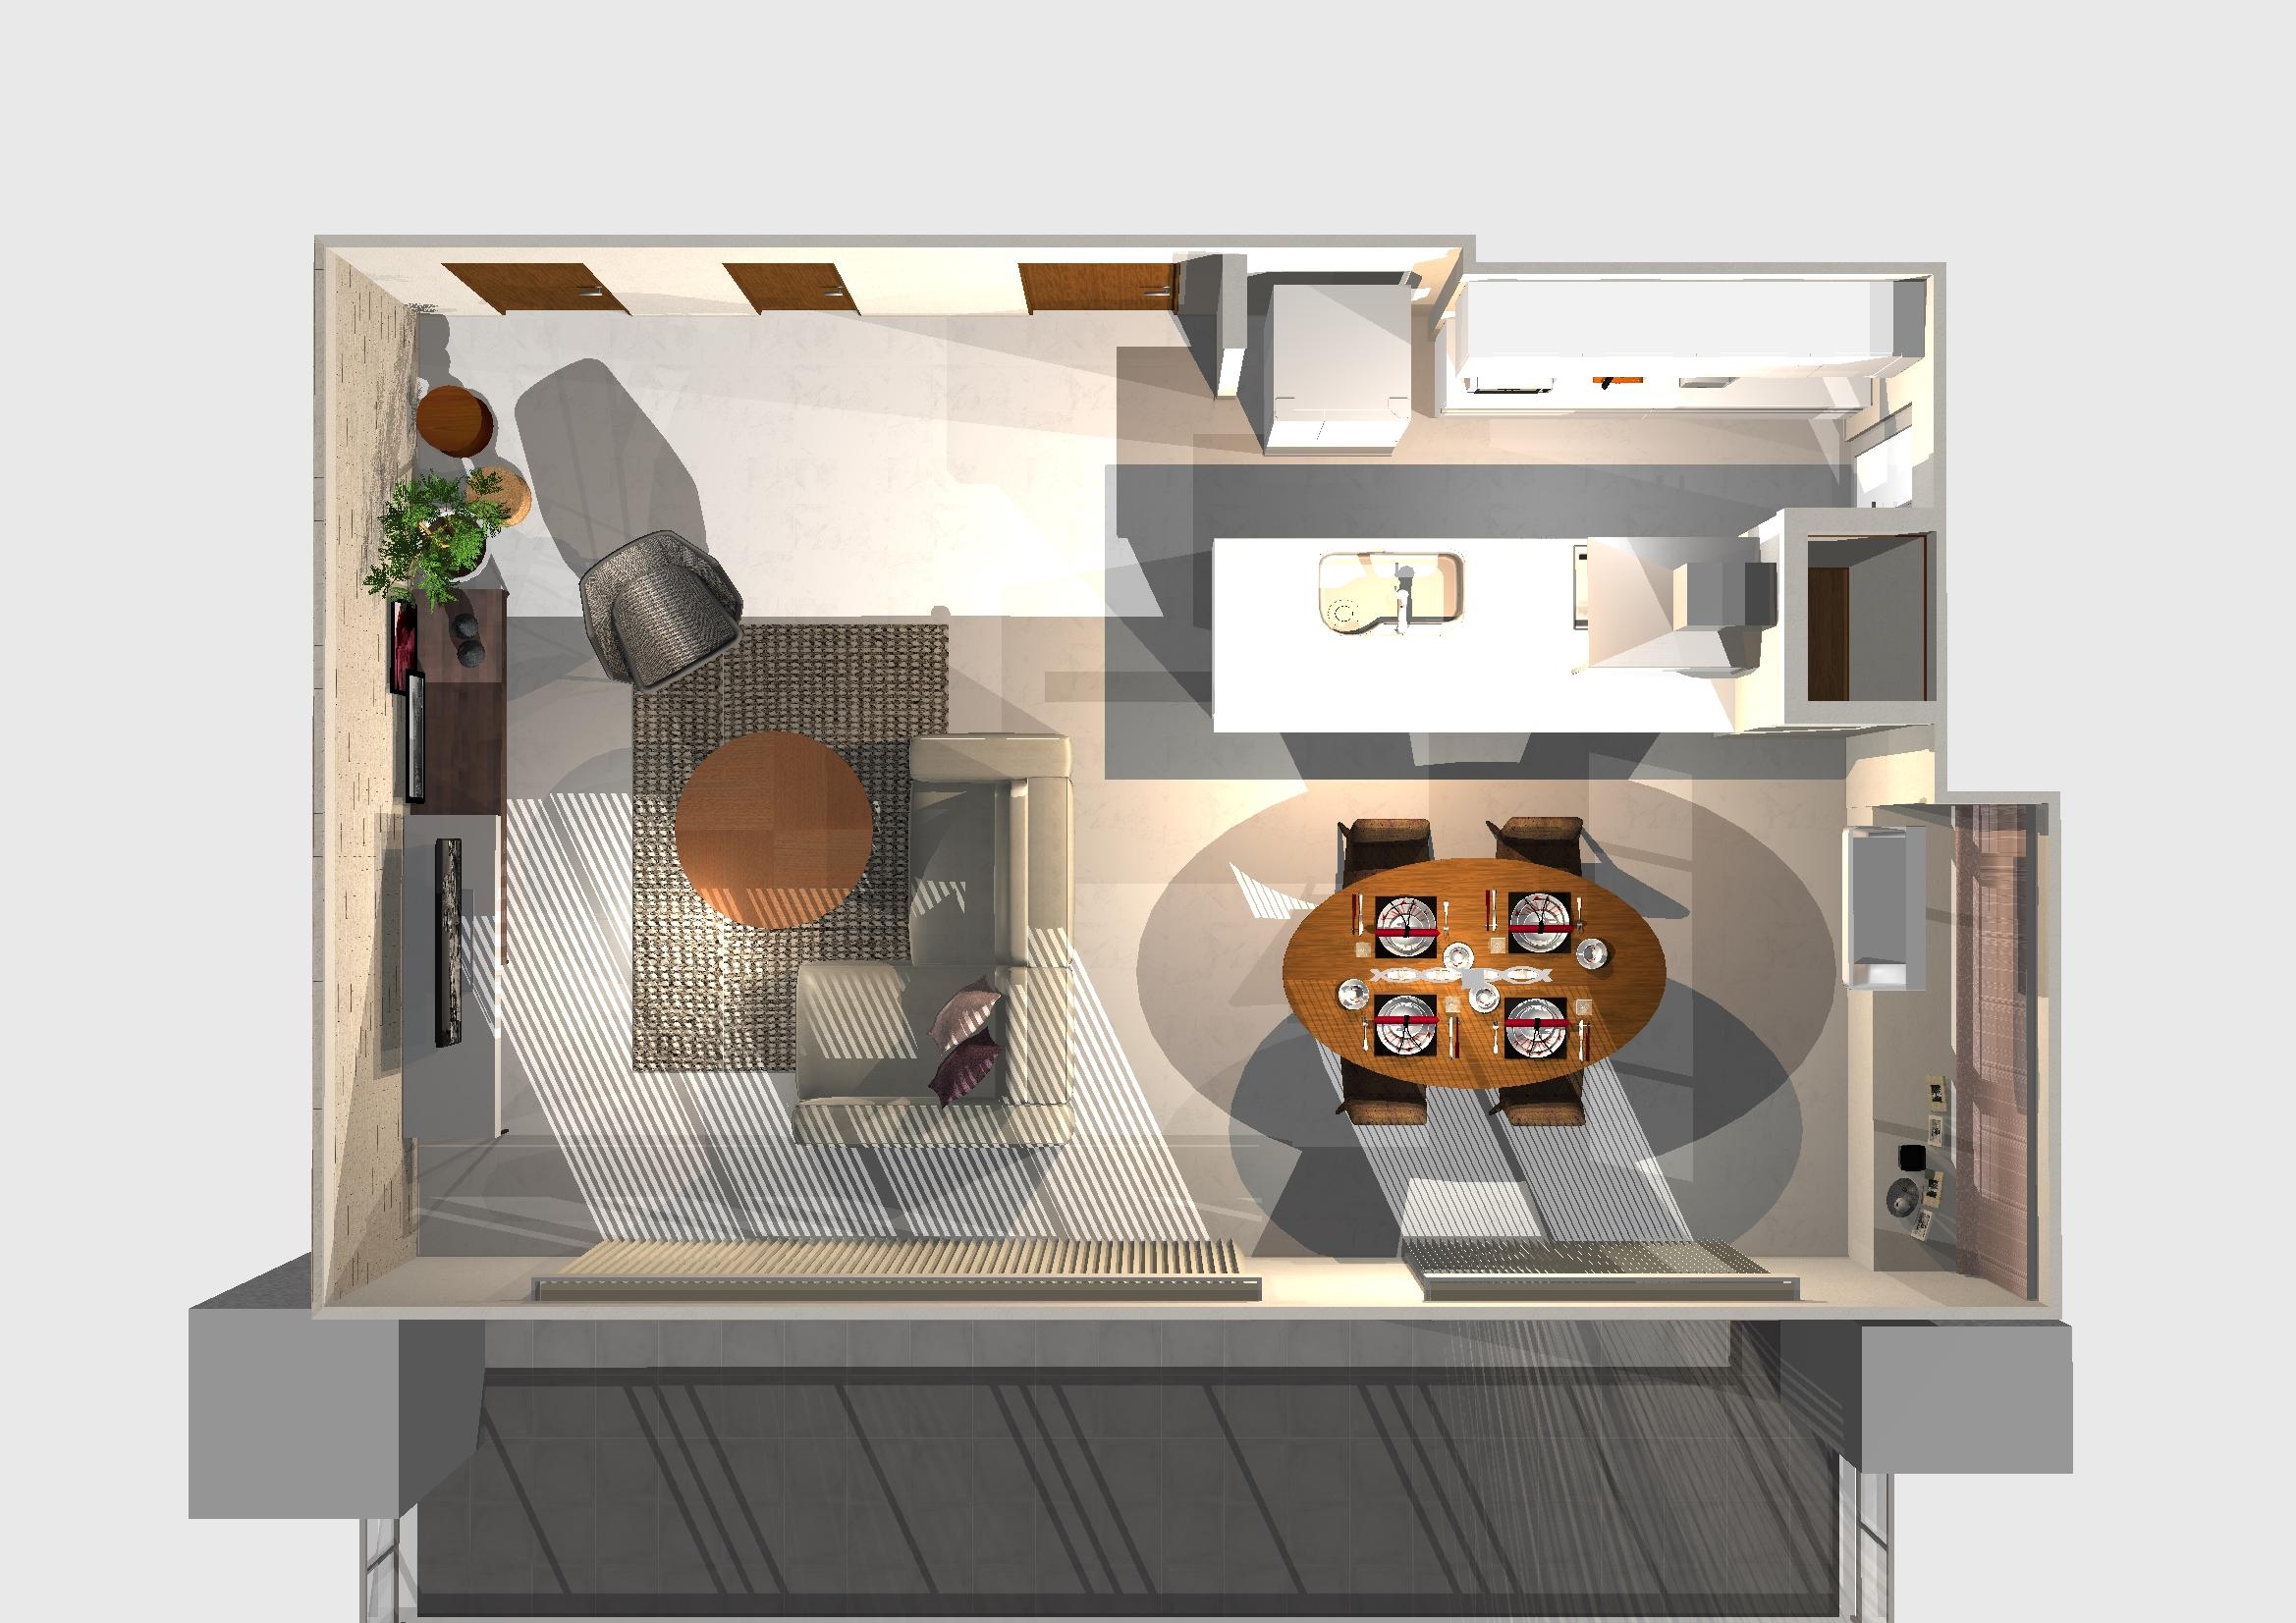 ラグジュアリーモダンにvillaのイメージを添えたスタイリッシュモダン